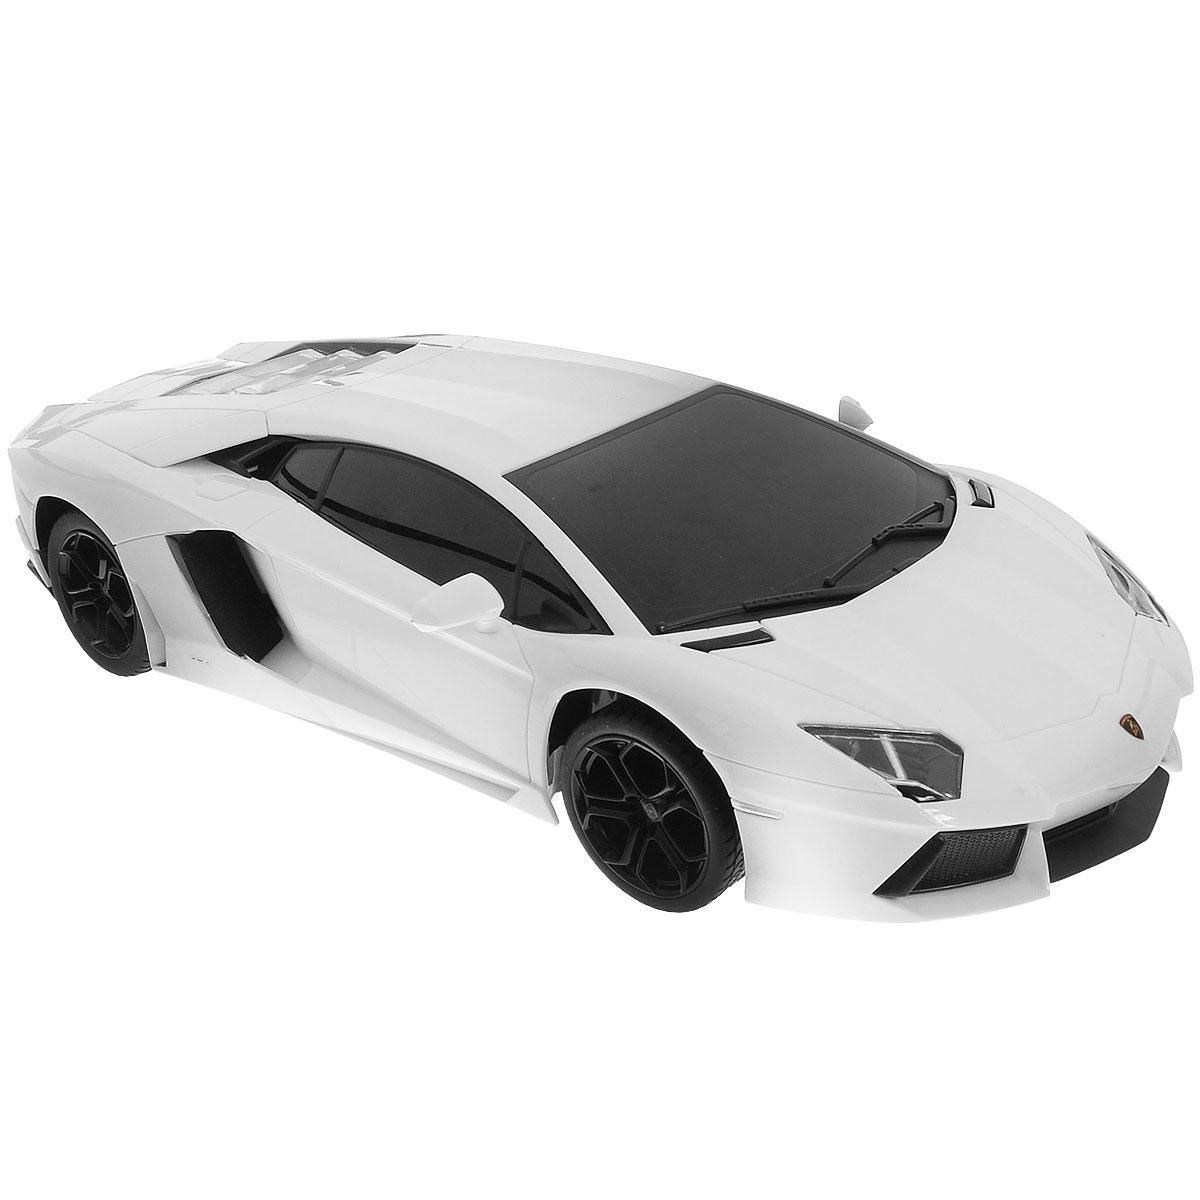 1TOY ���������������� ������ TopGear Lamborghini 700 ���� ����� ������� 1: 18